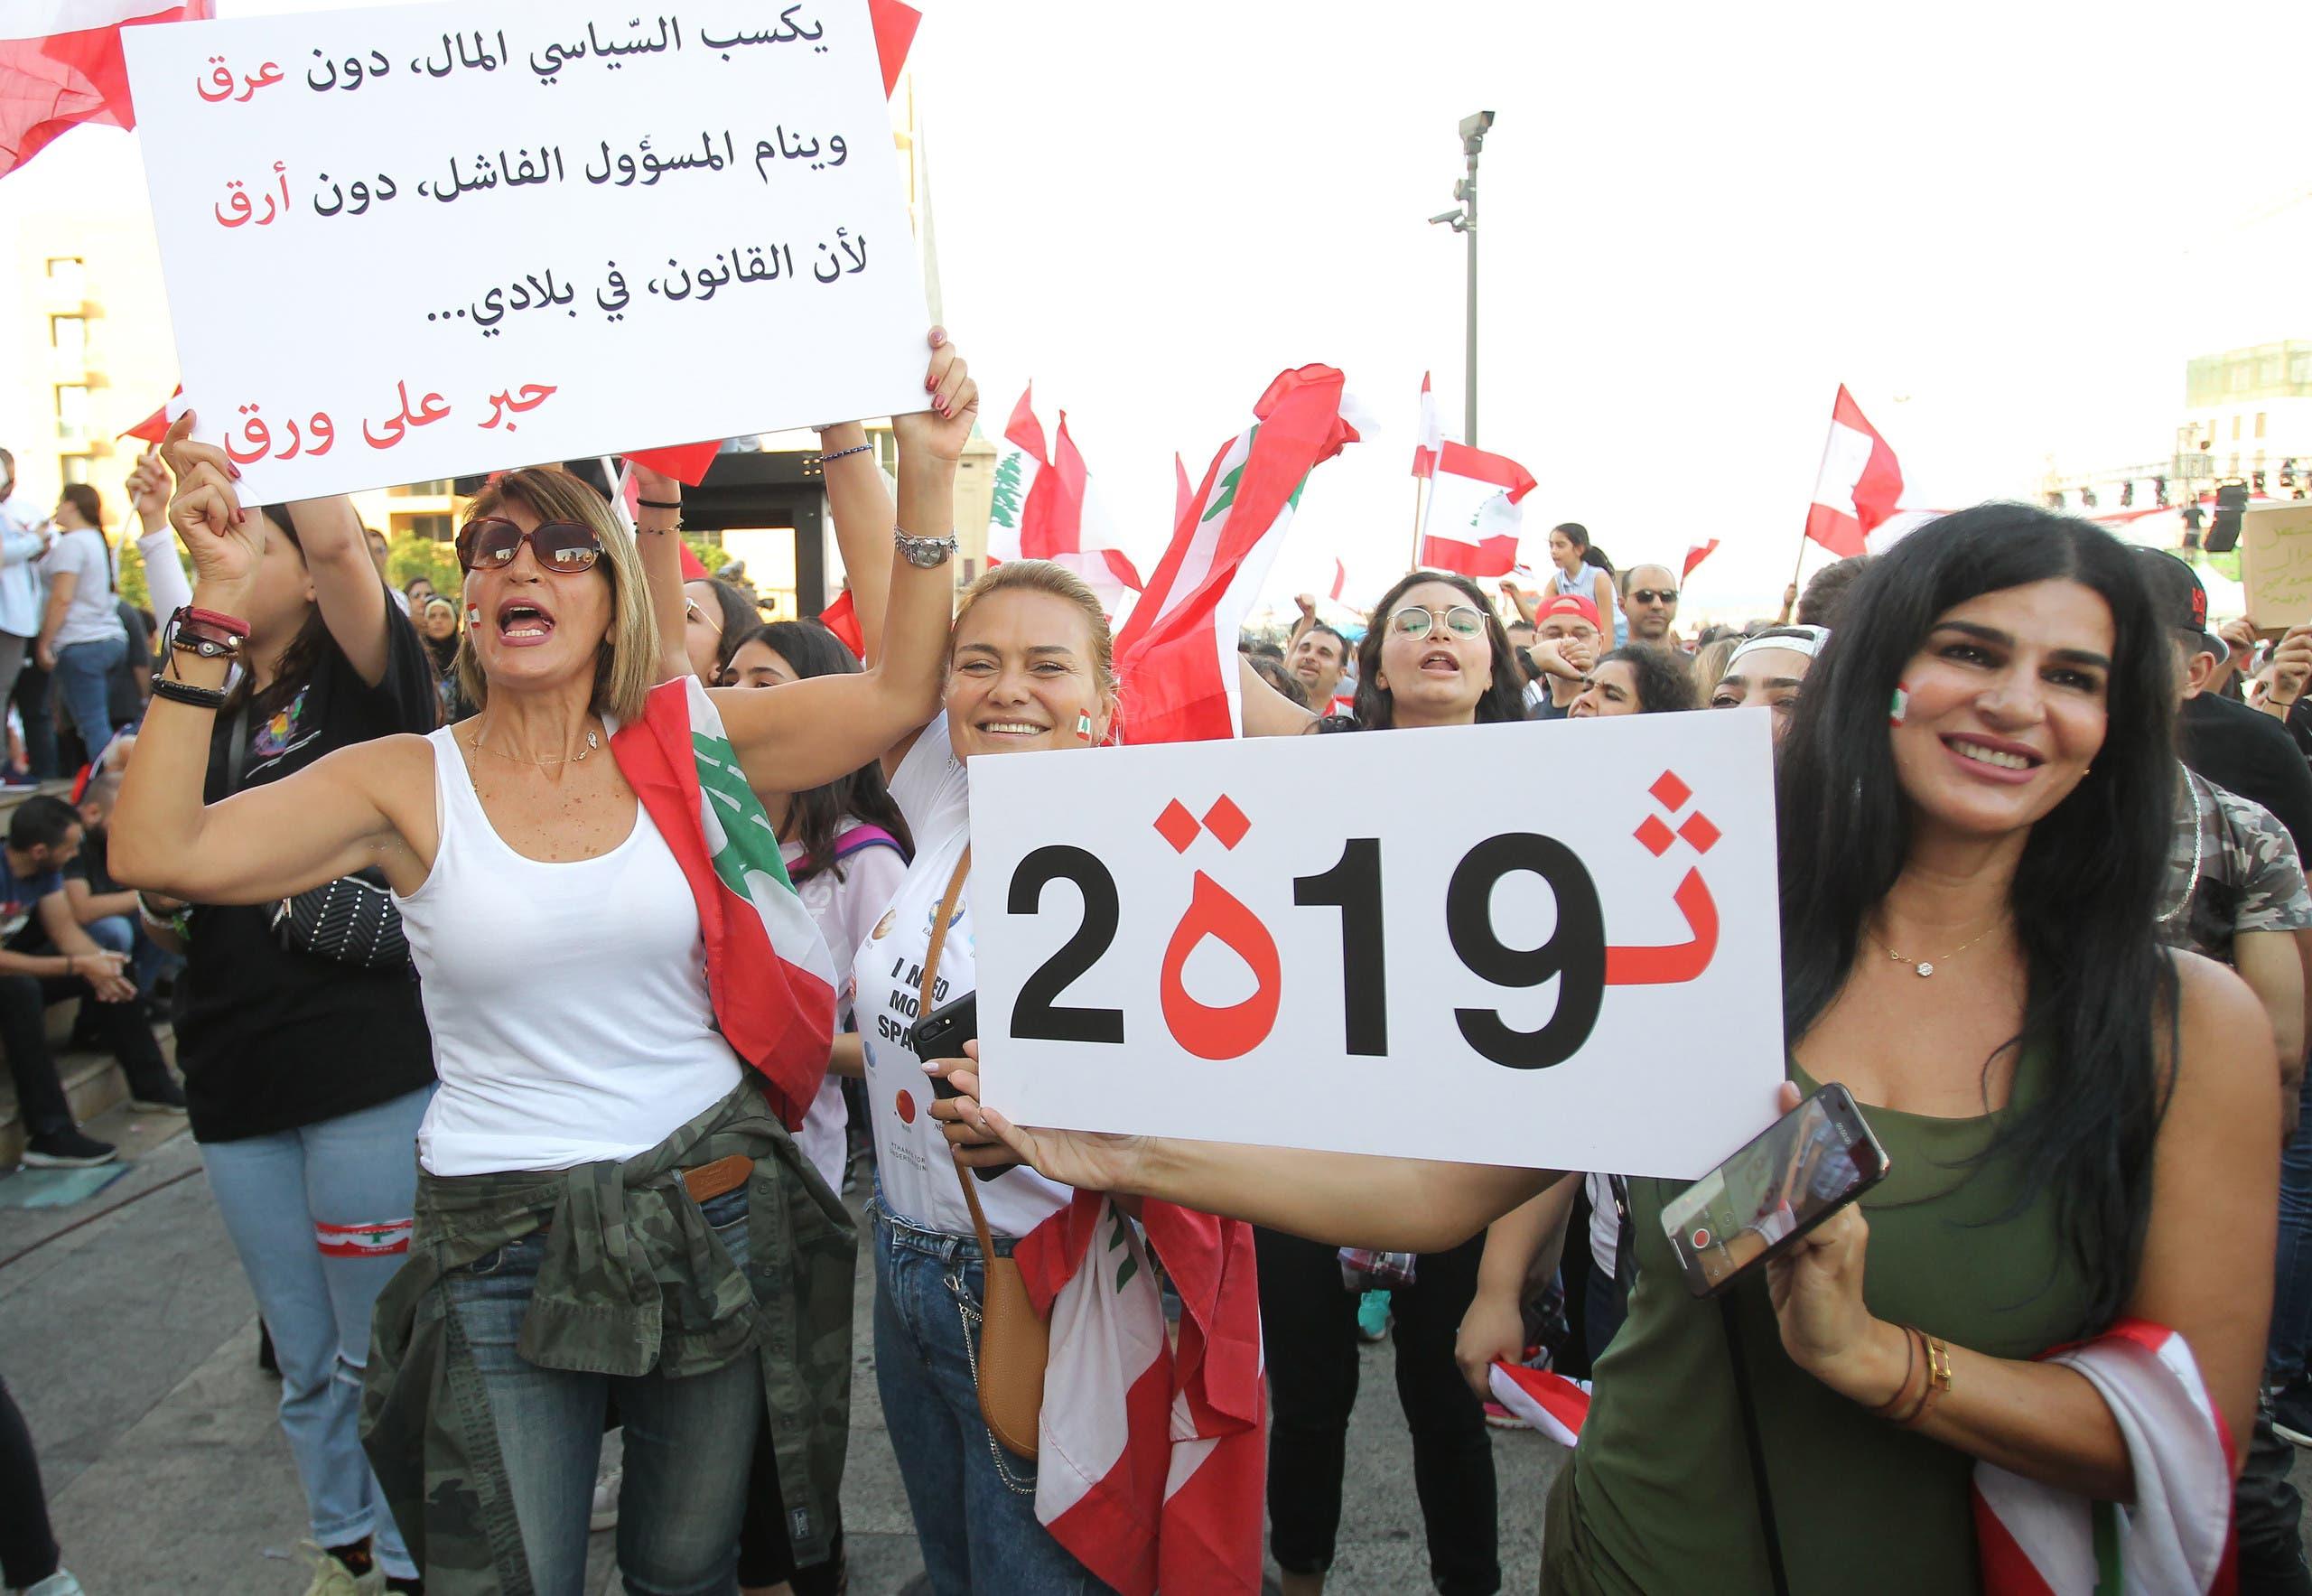 من احتجاجات اكتوبر 2019 في بيروت